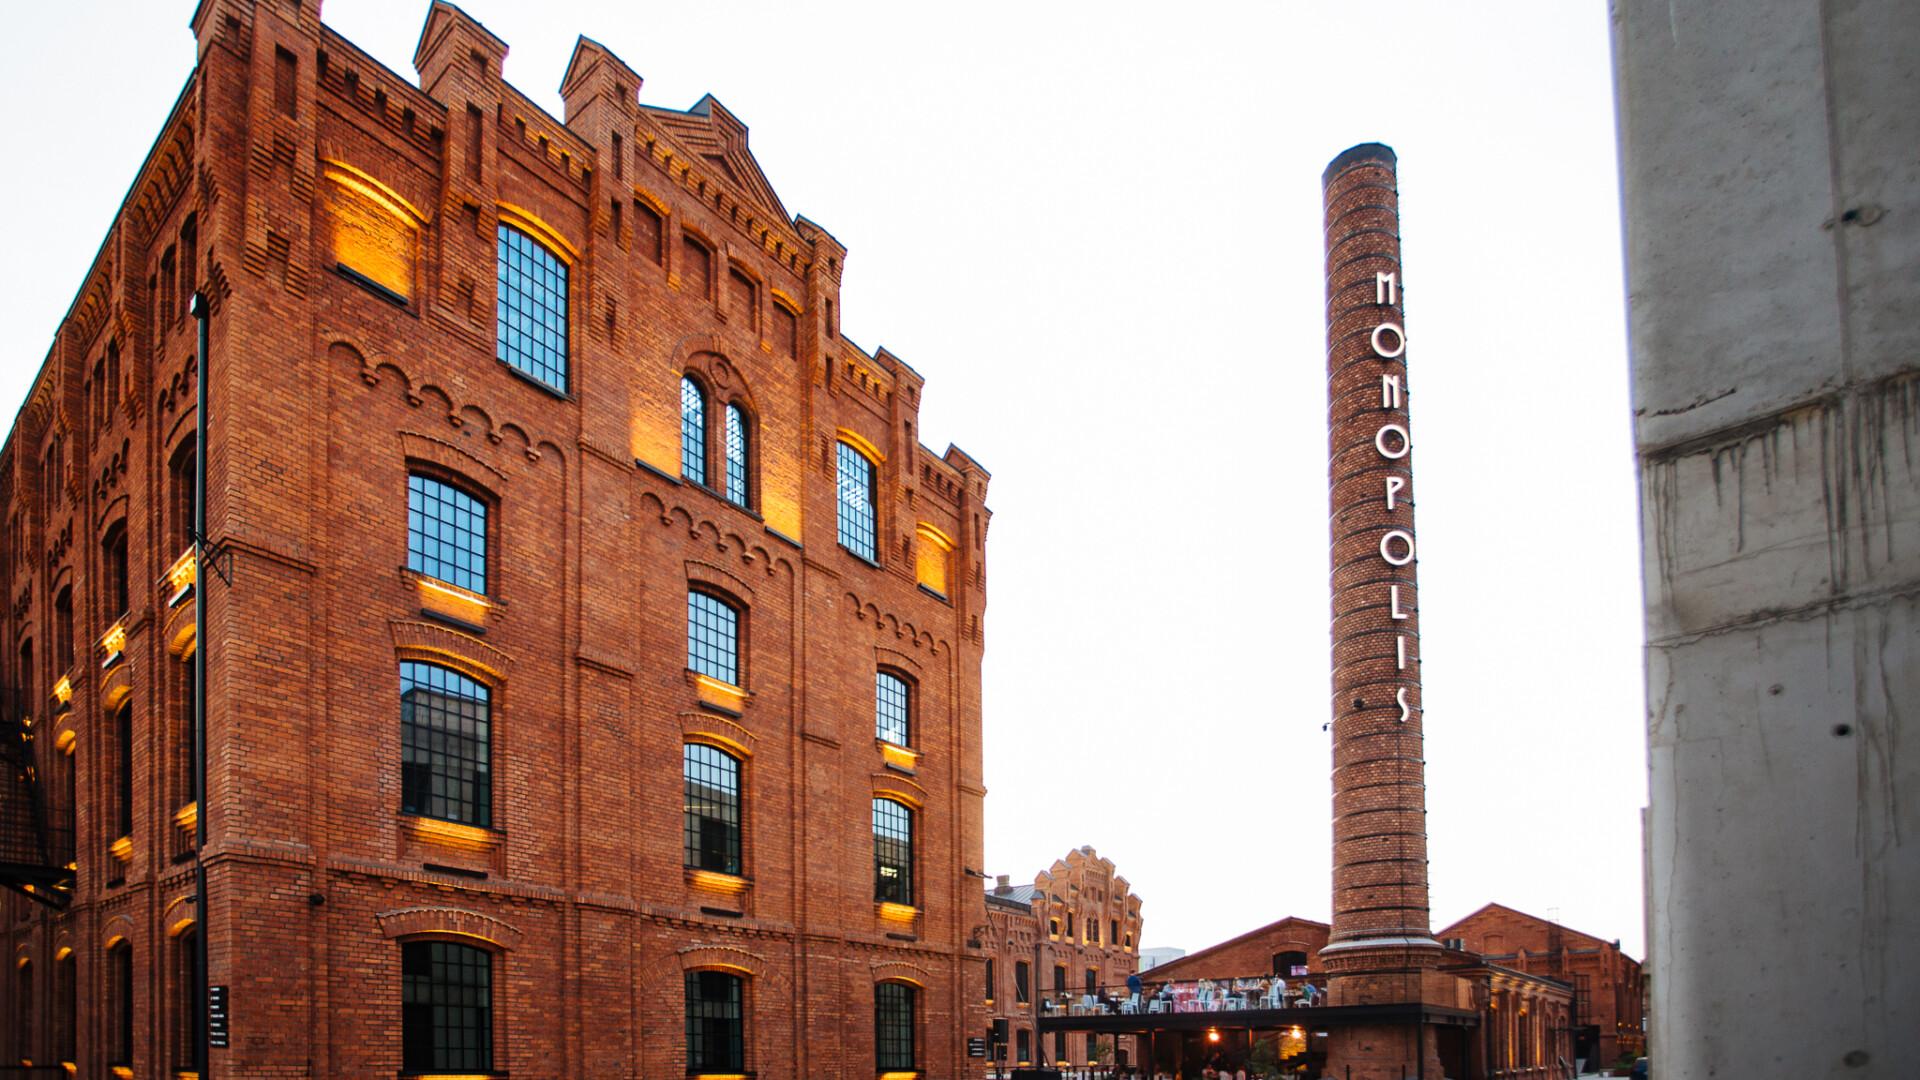 Monopolis. Fabryka na potrzeby biur, usług i sztuki